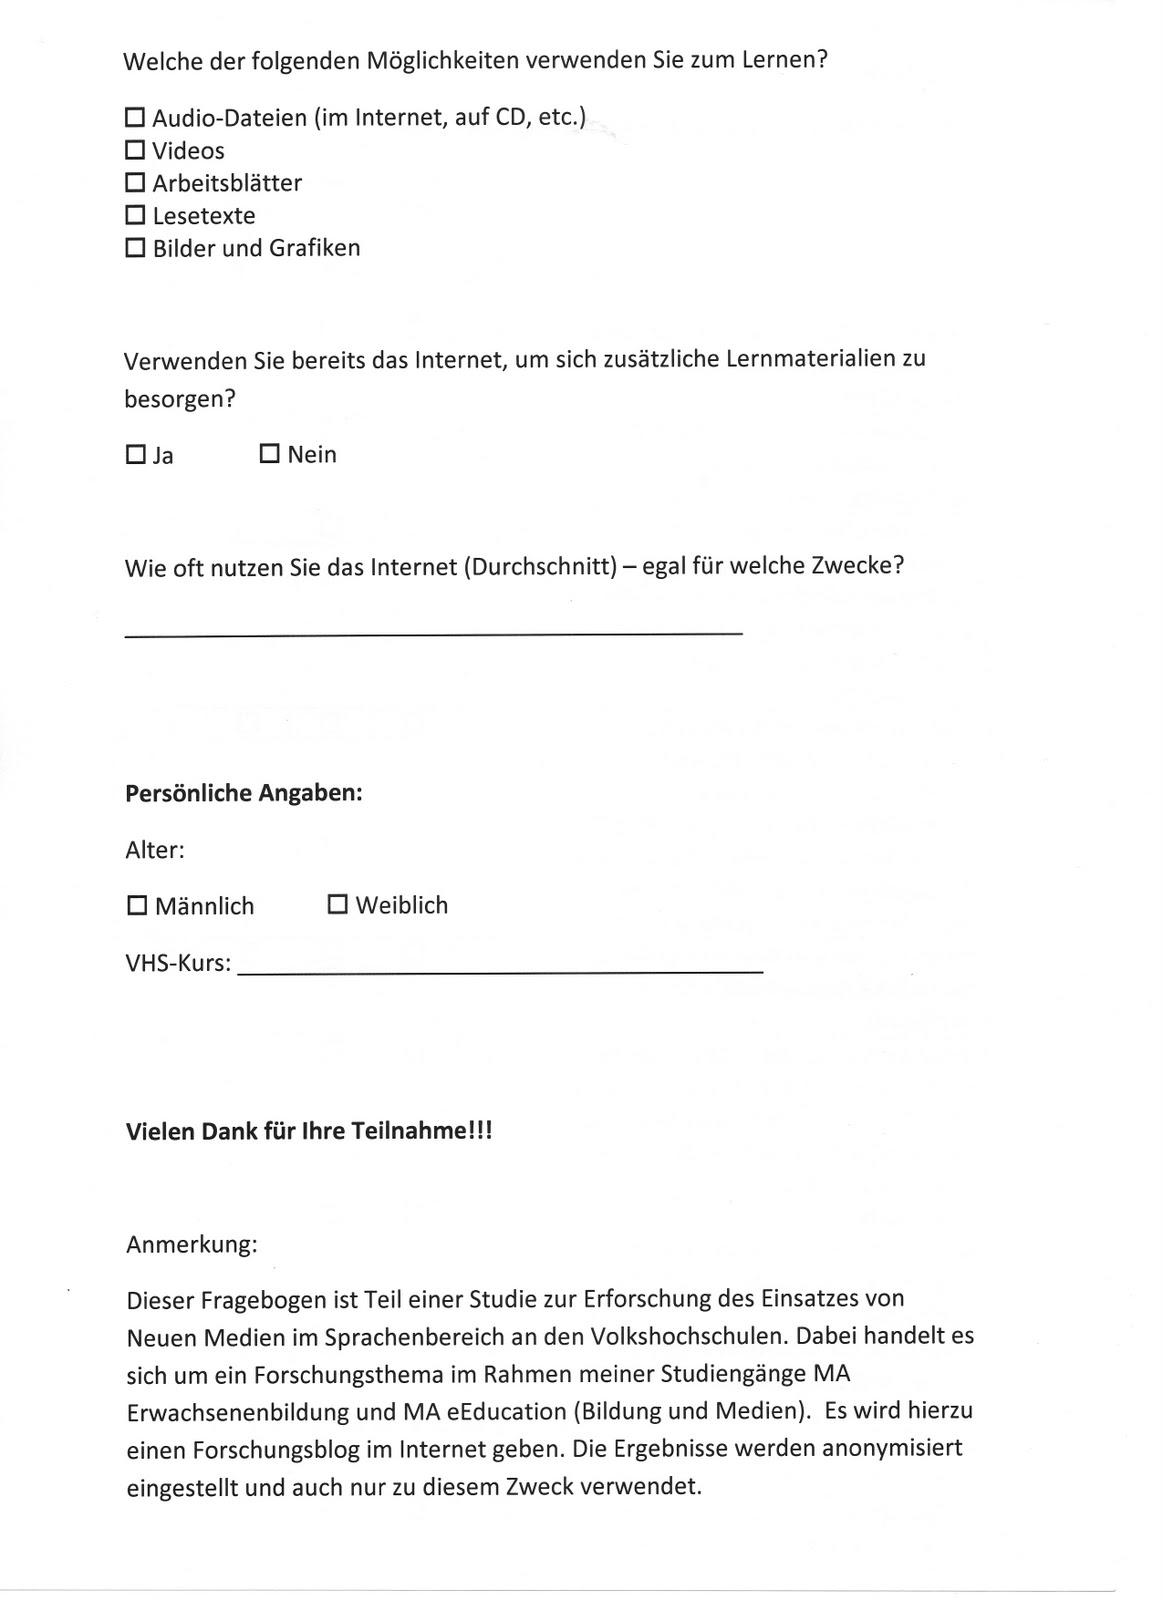 Modernes Lehren von Sprachen in der Erwachsenenbildung: Fragebogen ...